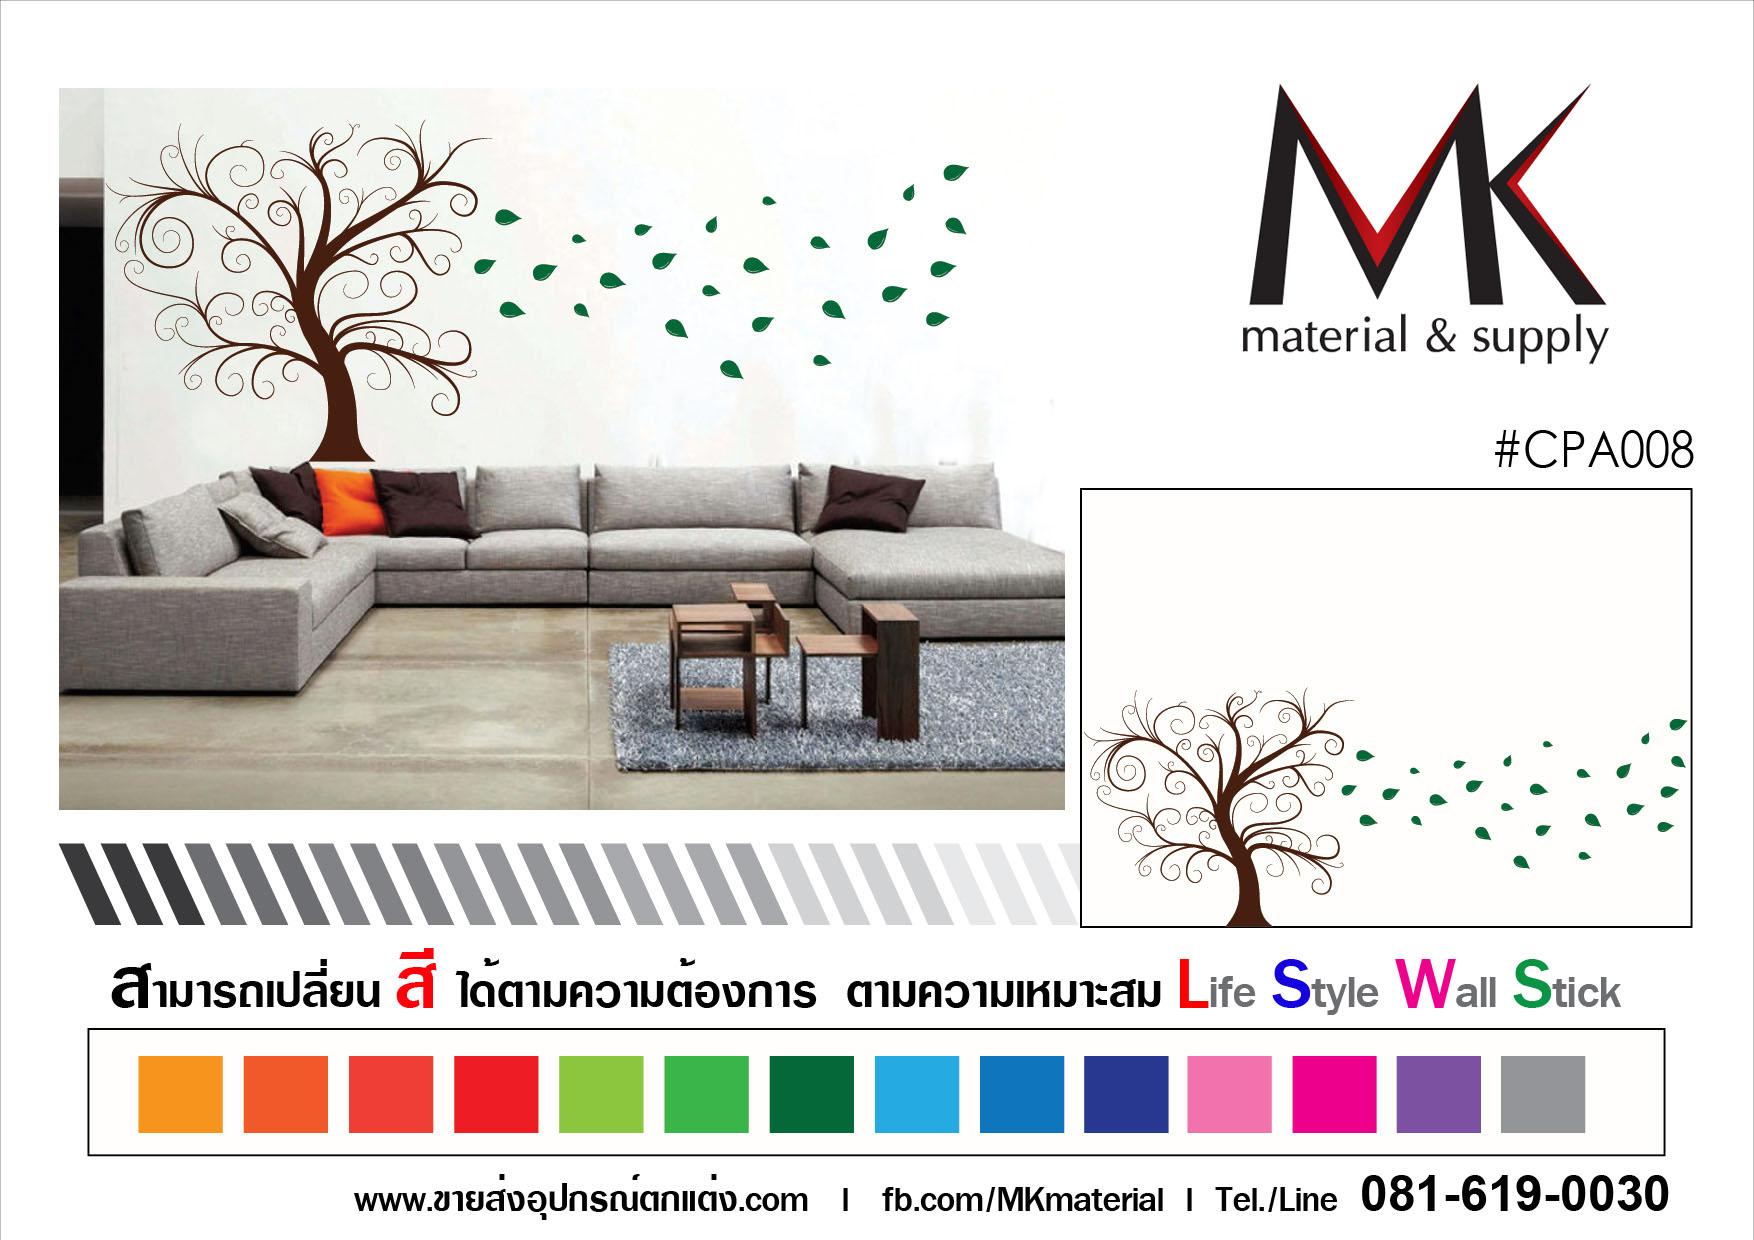 Life Style Wall Stick 008